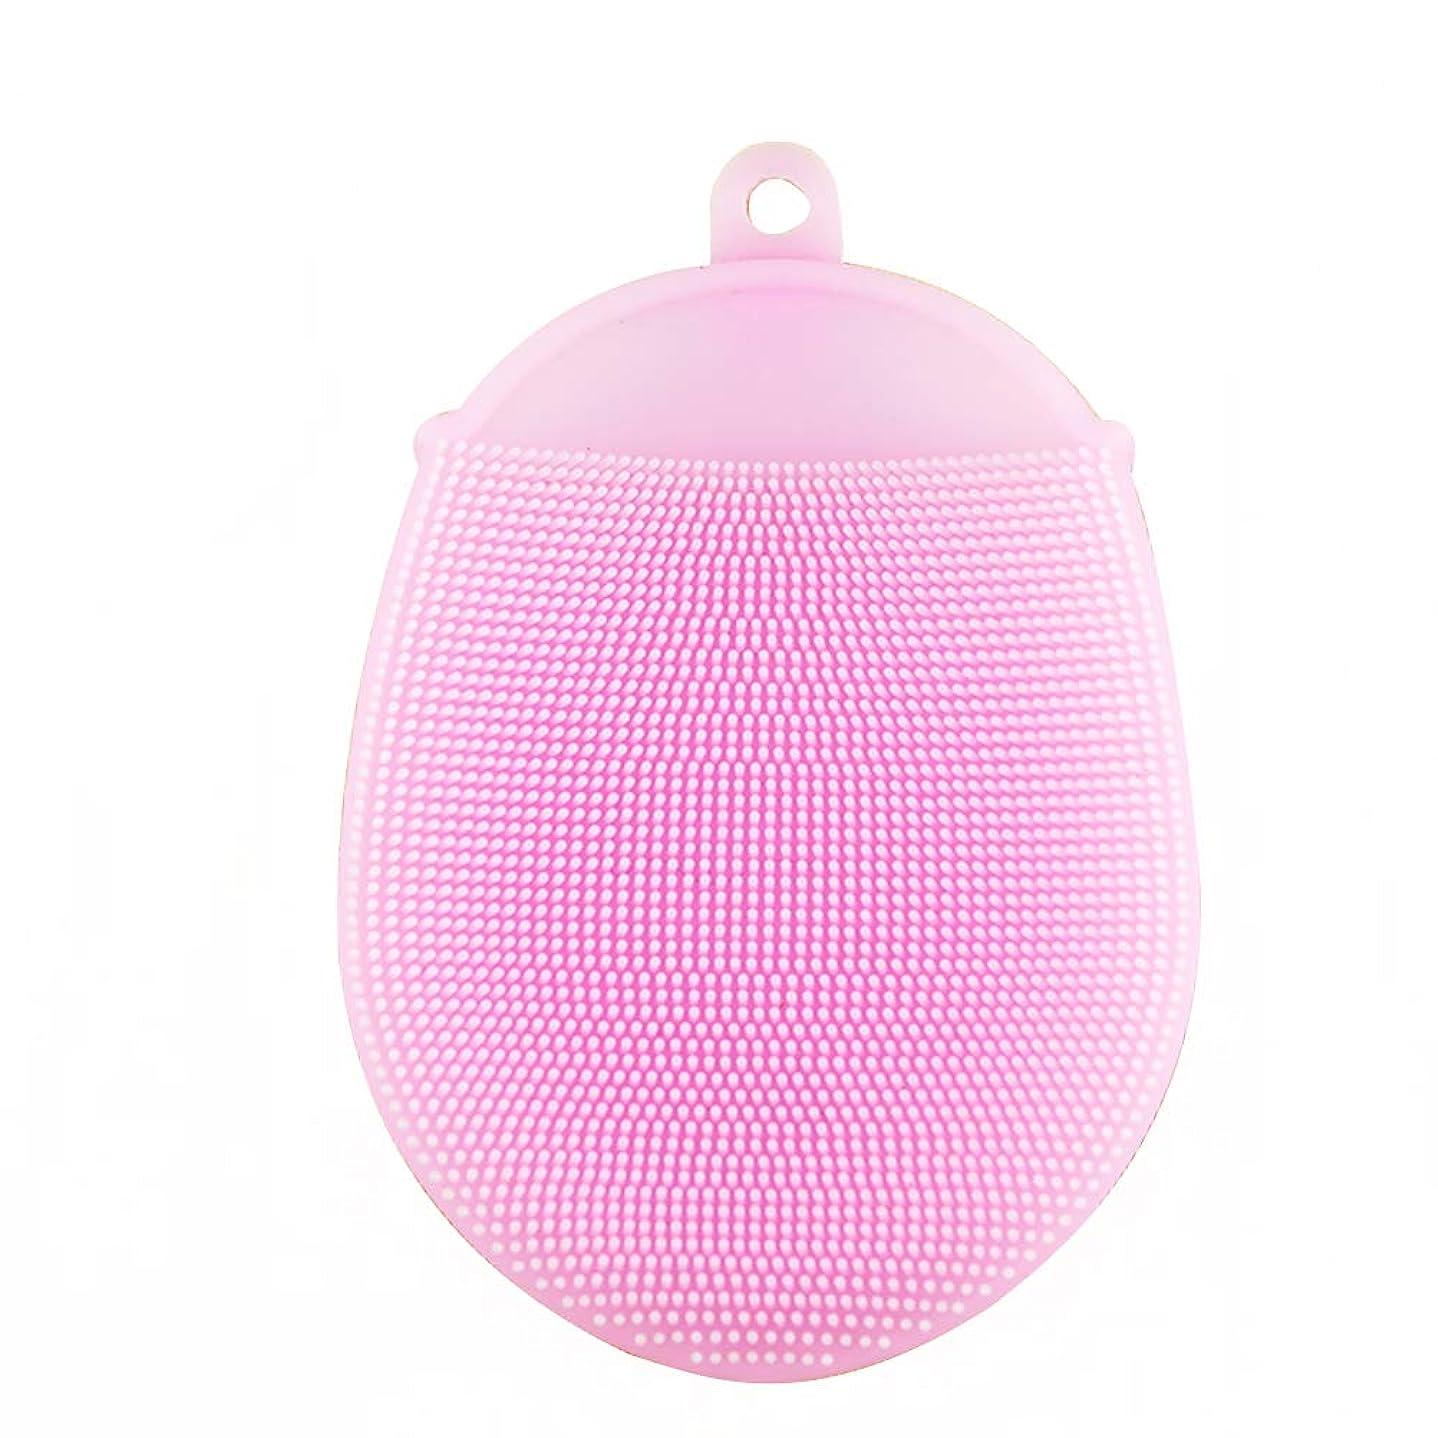 おなかがすいた翻訳する仲人Healifty ボディブラシ2本シリコン入浴ブラシ抗菌シャワースクラバー洗顔パッド(ピンク)